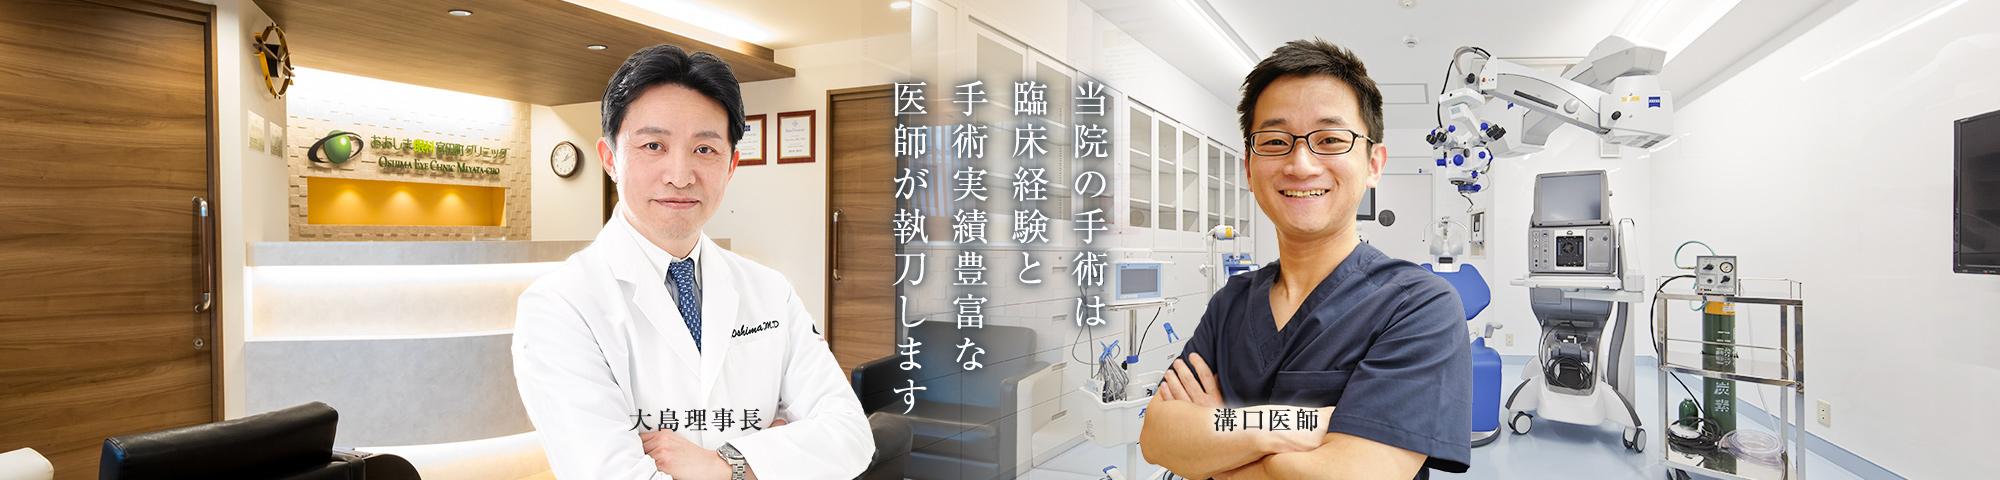 当院の手術は臨床経験と手術実績豊富な医師が執刀します